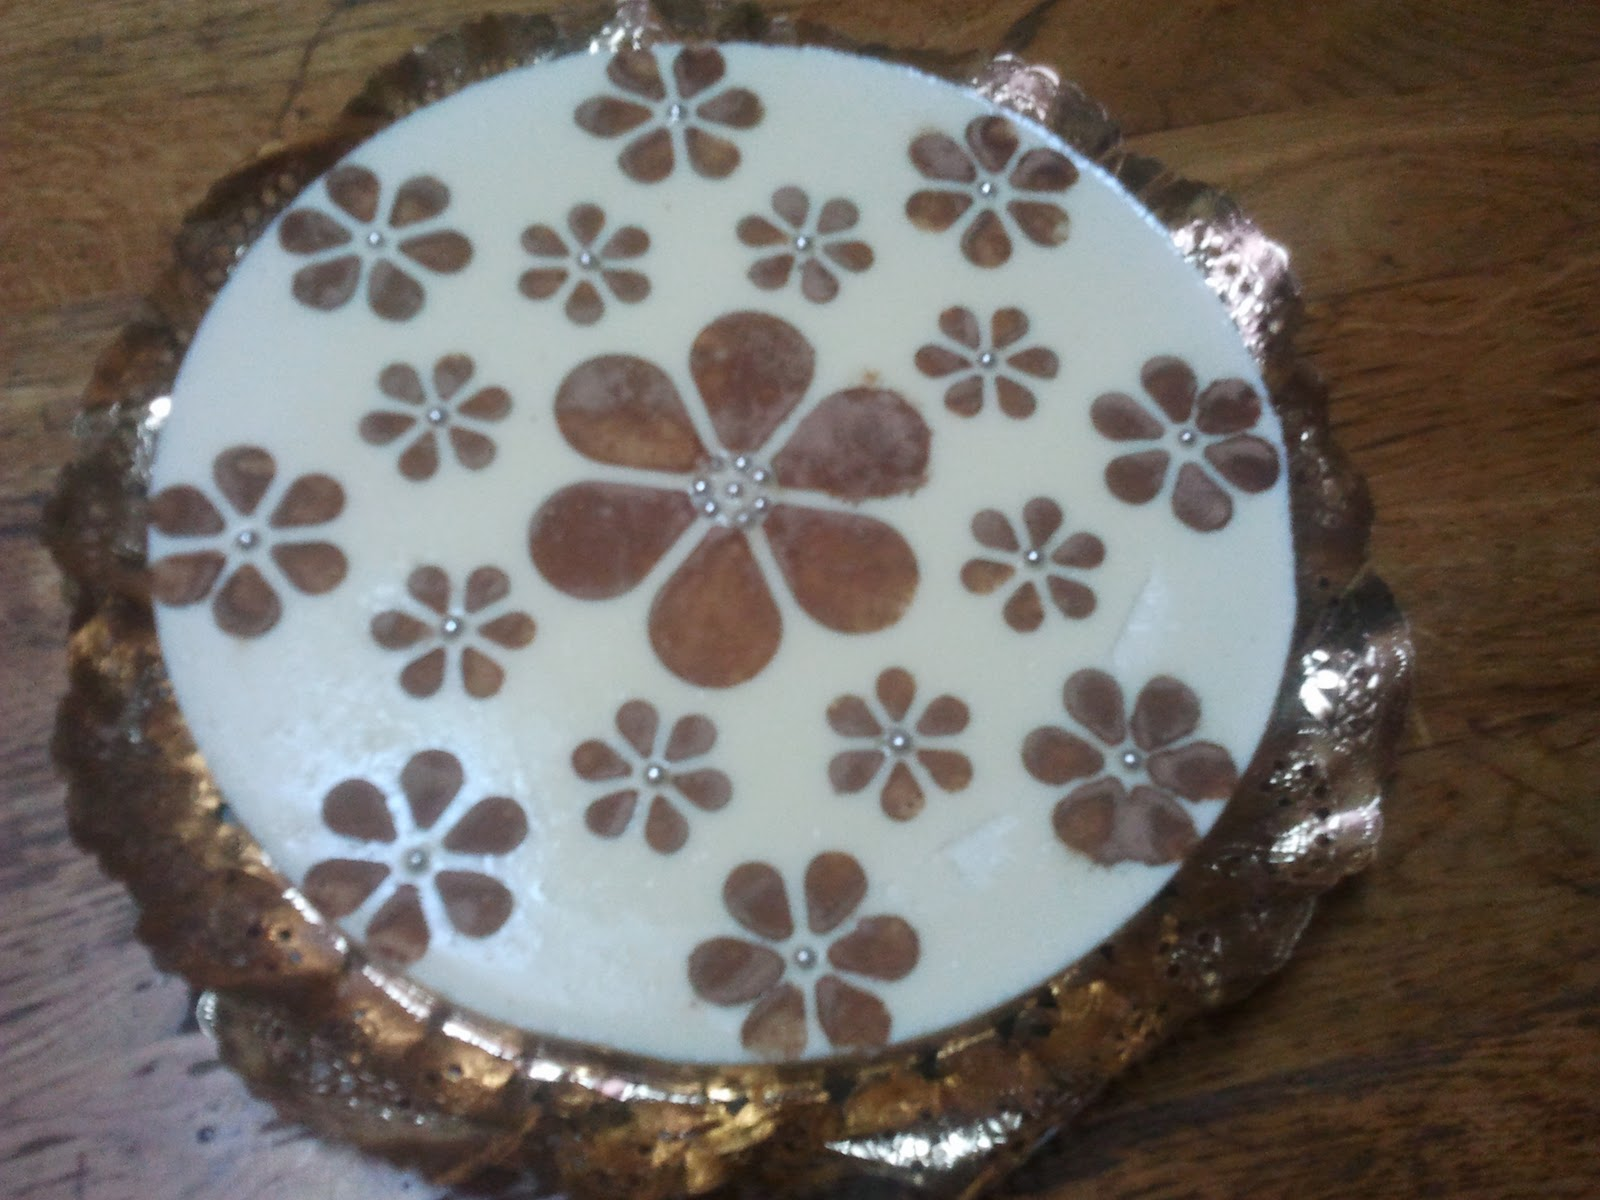 La Cocina De Leslie Otras Formas De Decorar La Tarta 3 Chocolates - Ideas-para-decorar-una-tarta